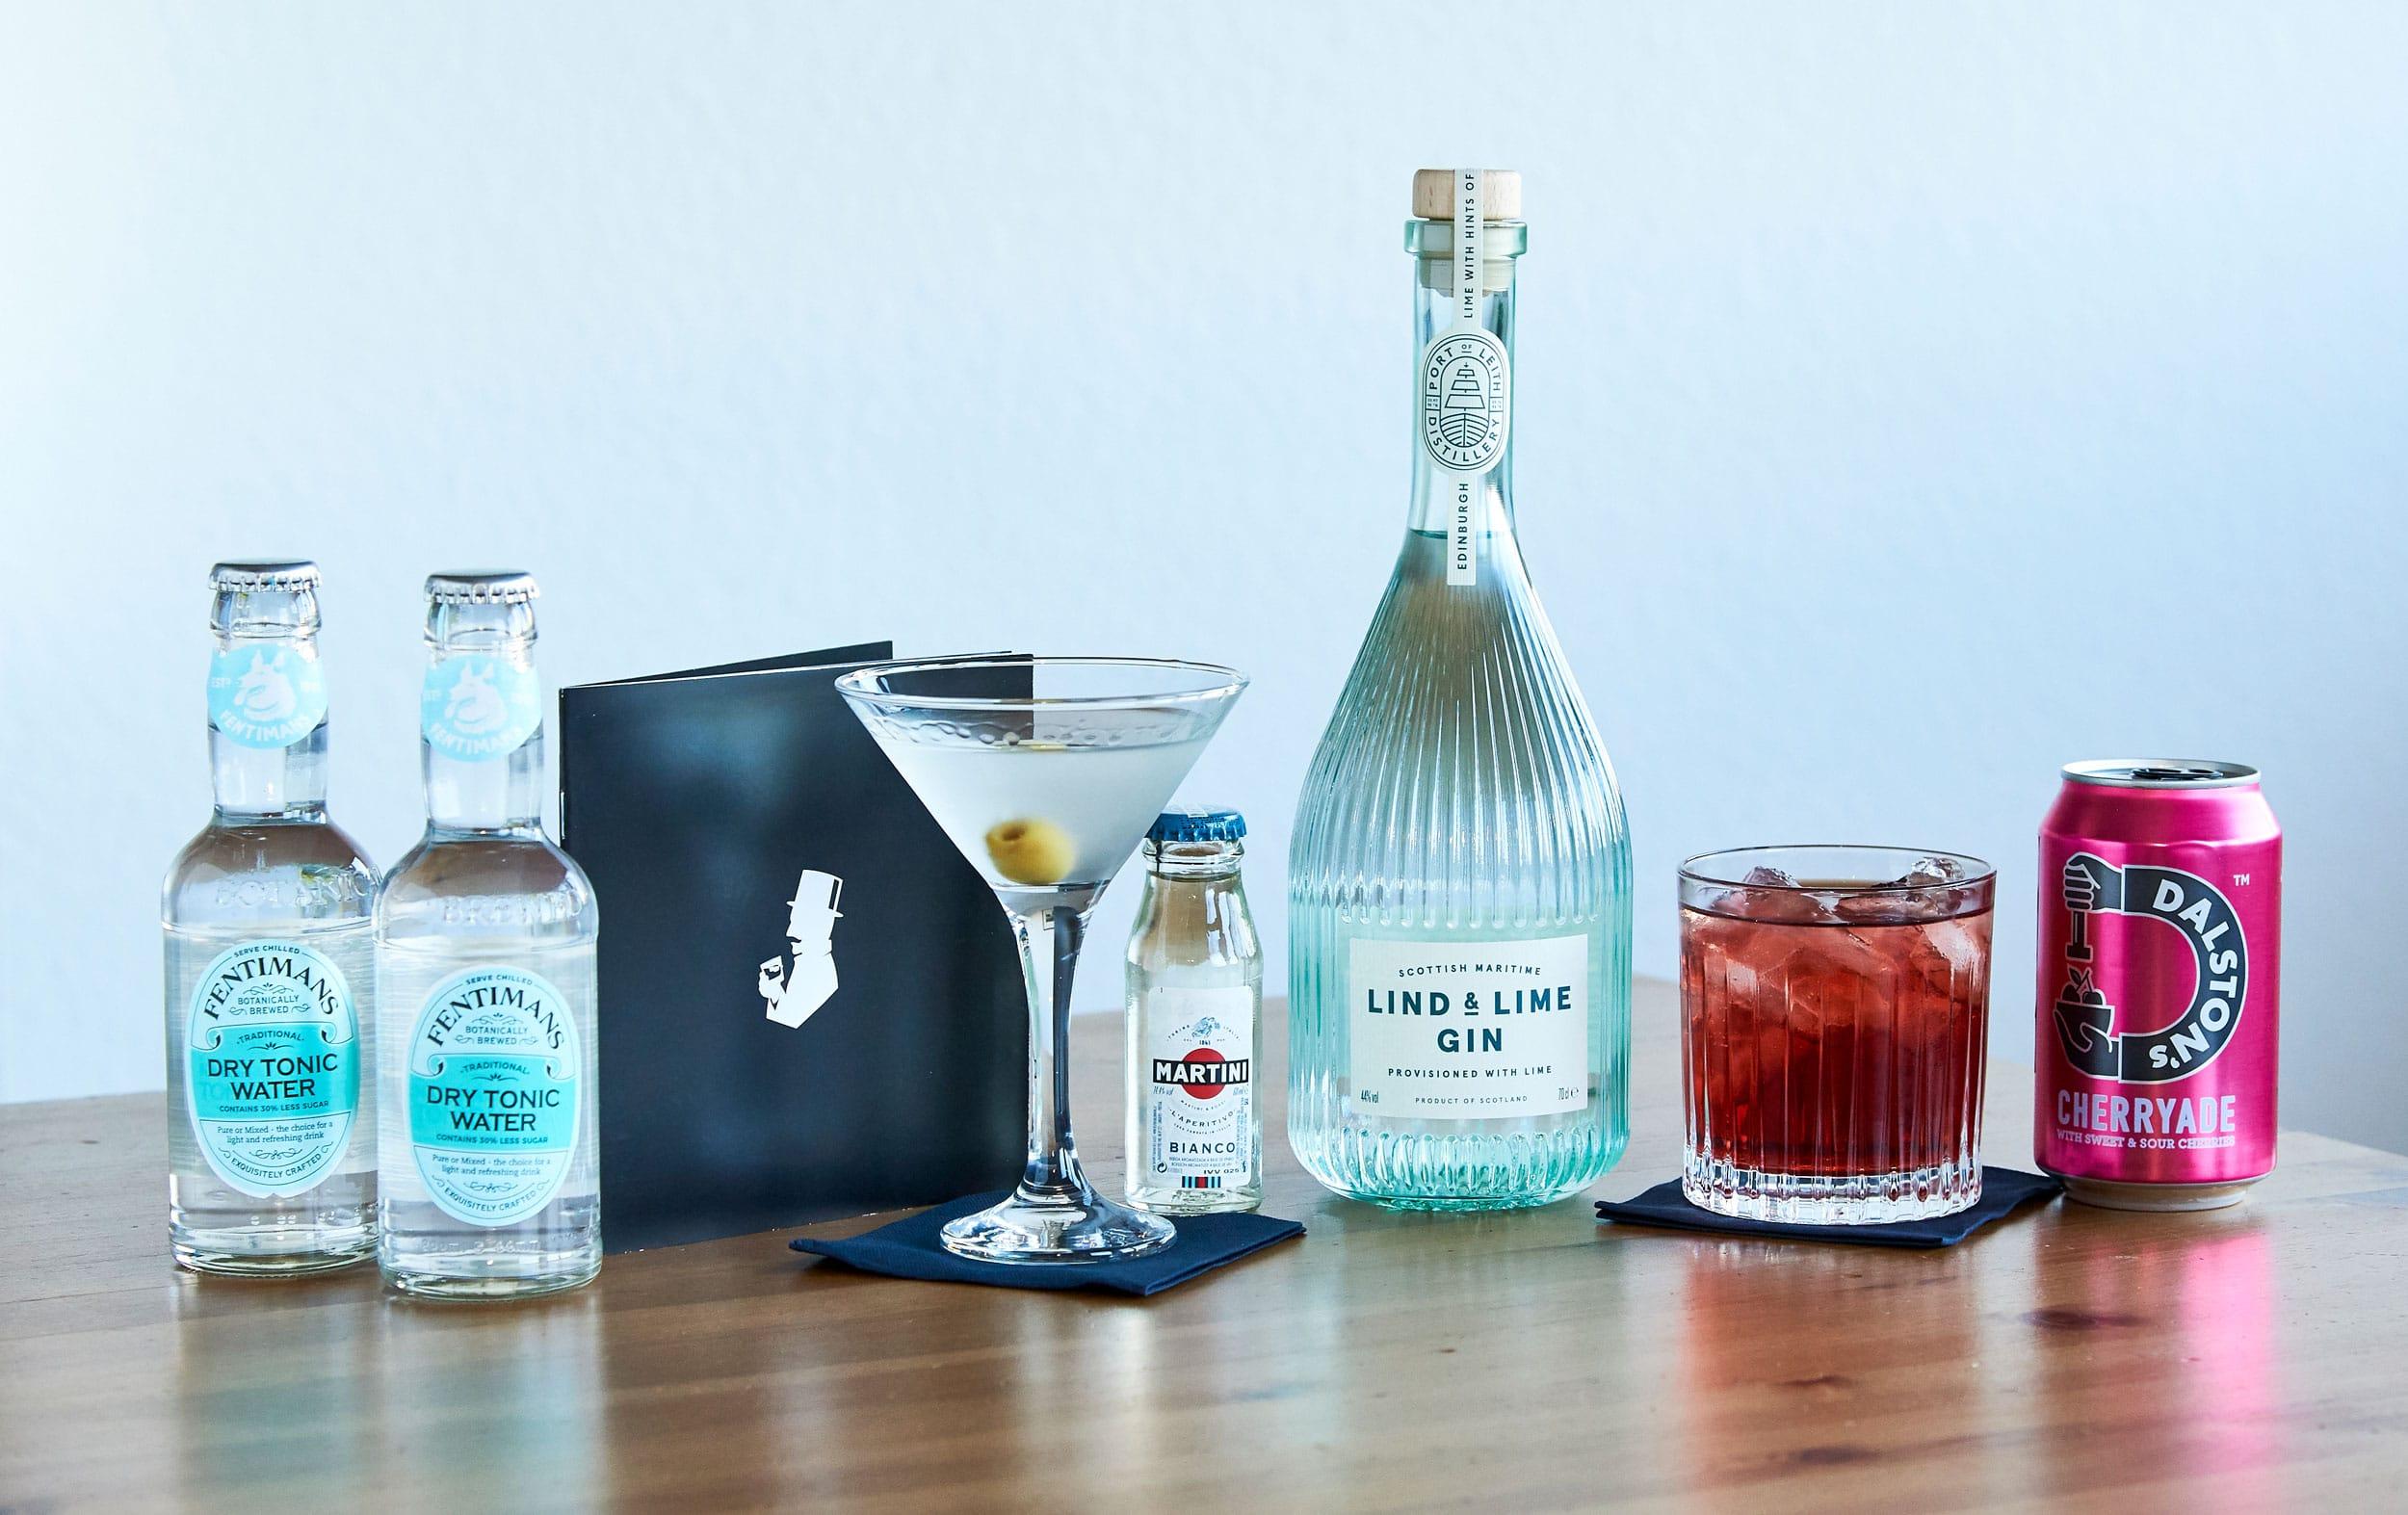 Cocktailempfehlungen zum Lind & Lime Gin